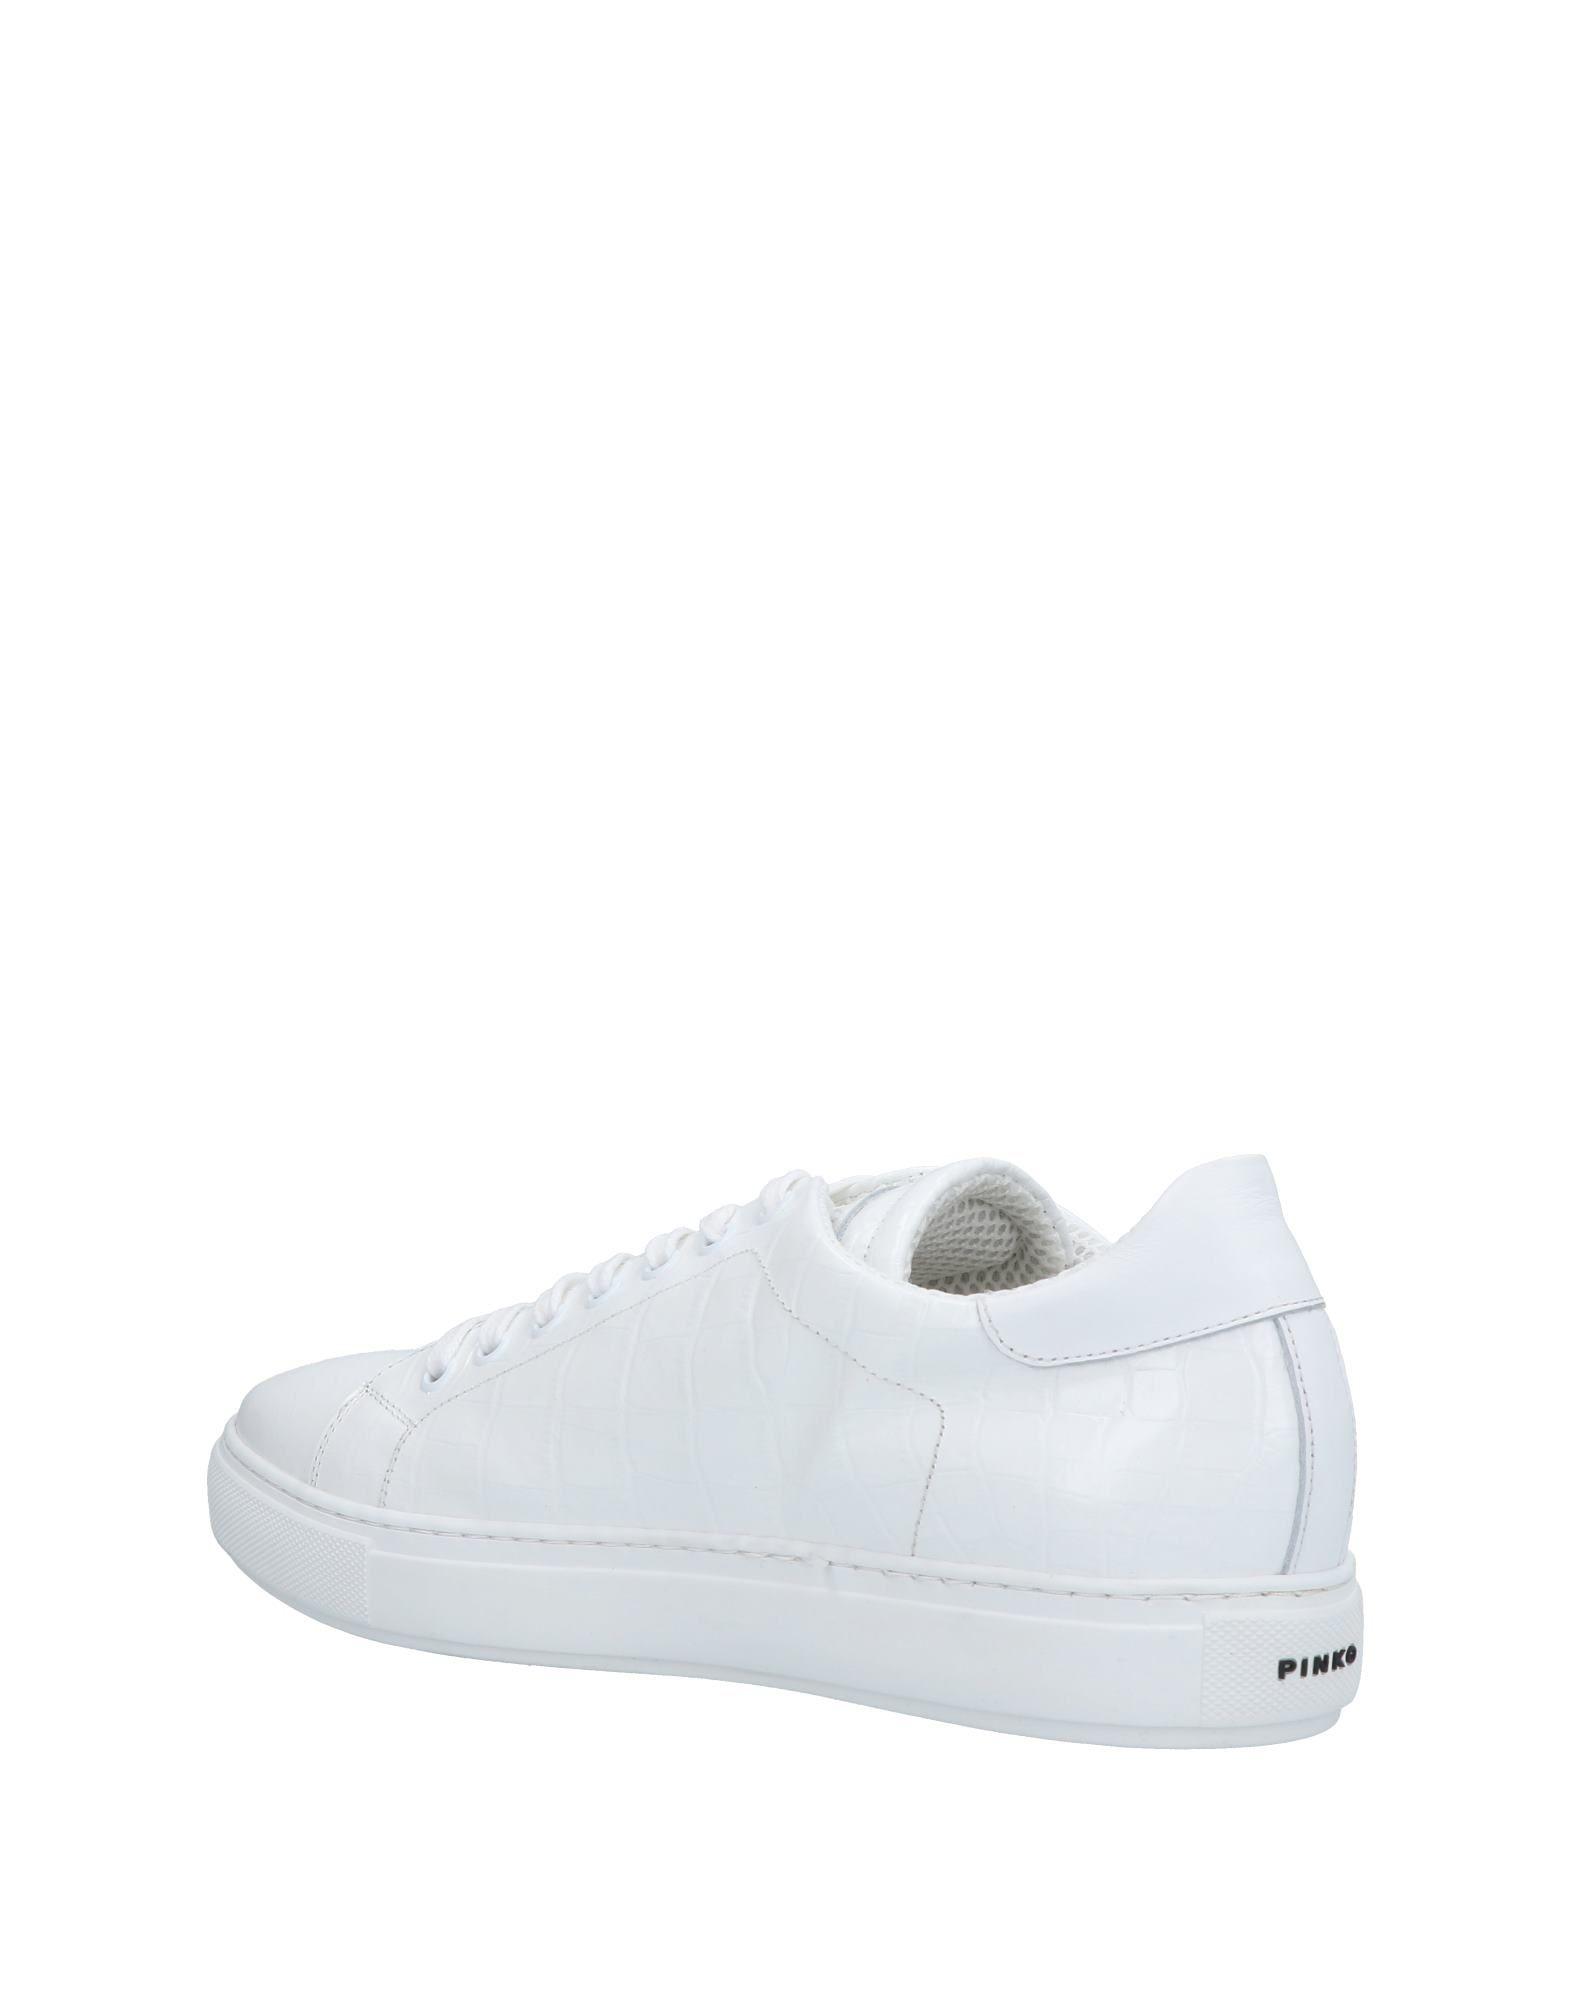 Pinko Sneakers Sneakers Pinko Damen  11422092LC  f94043